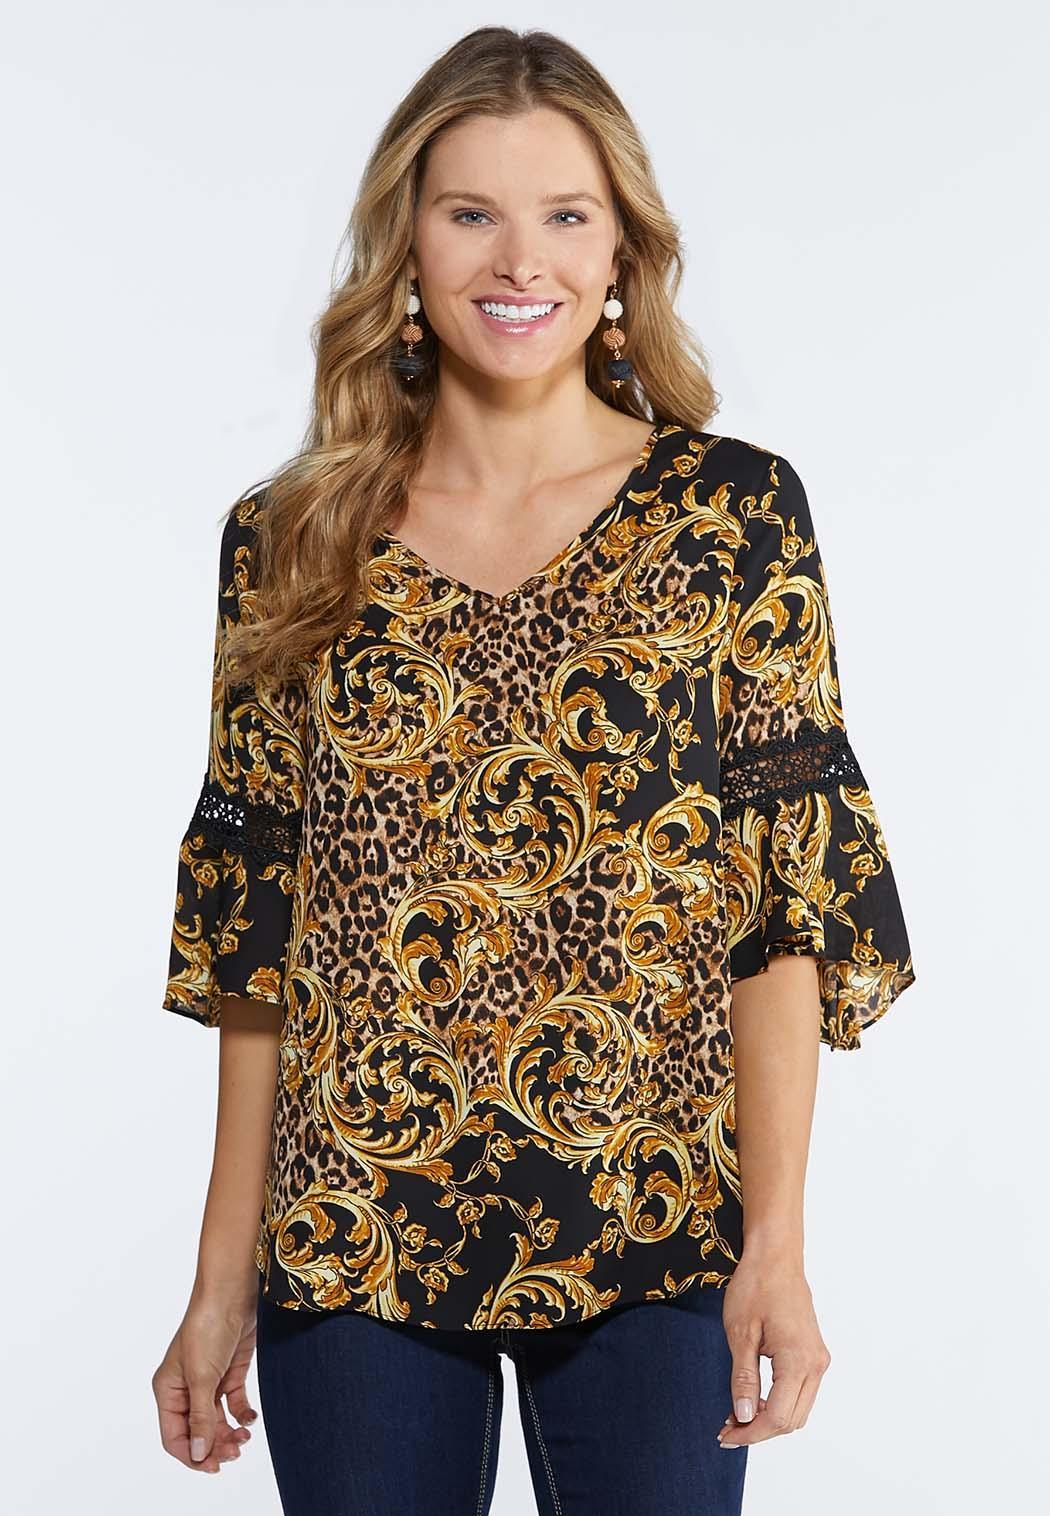 a30c52e5fa2970 Plus Size Golden Leopard Print Blouse Tops Cato Fashions